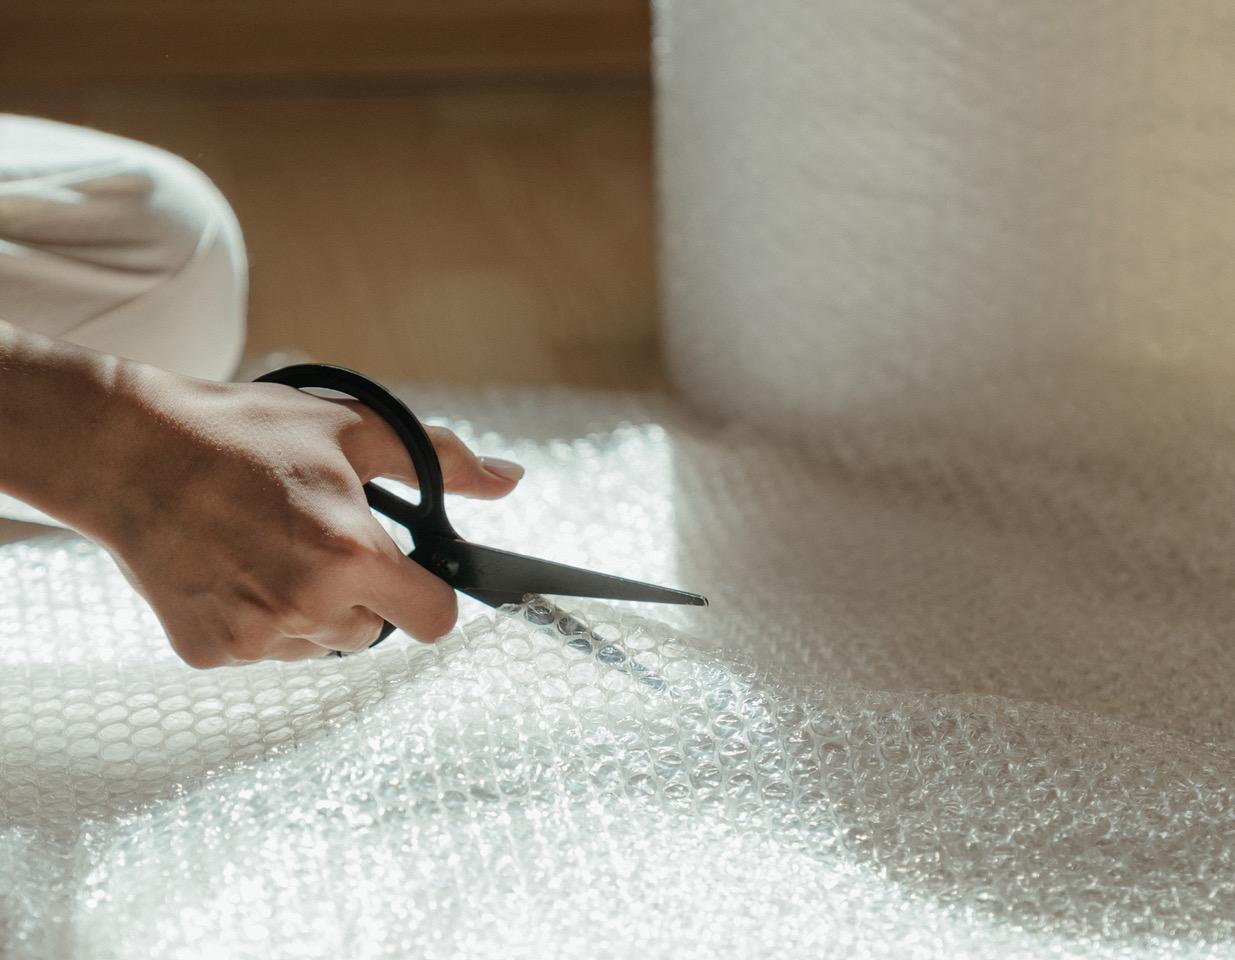 cutting bubblewrap